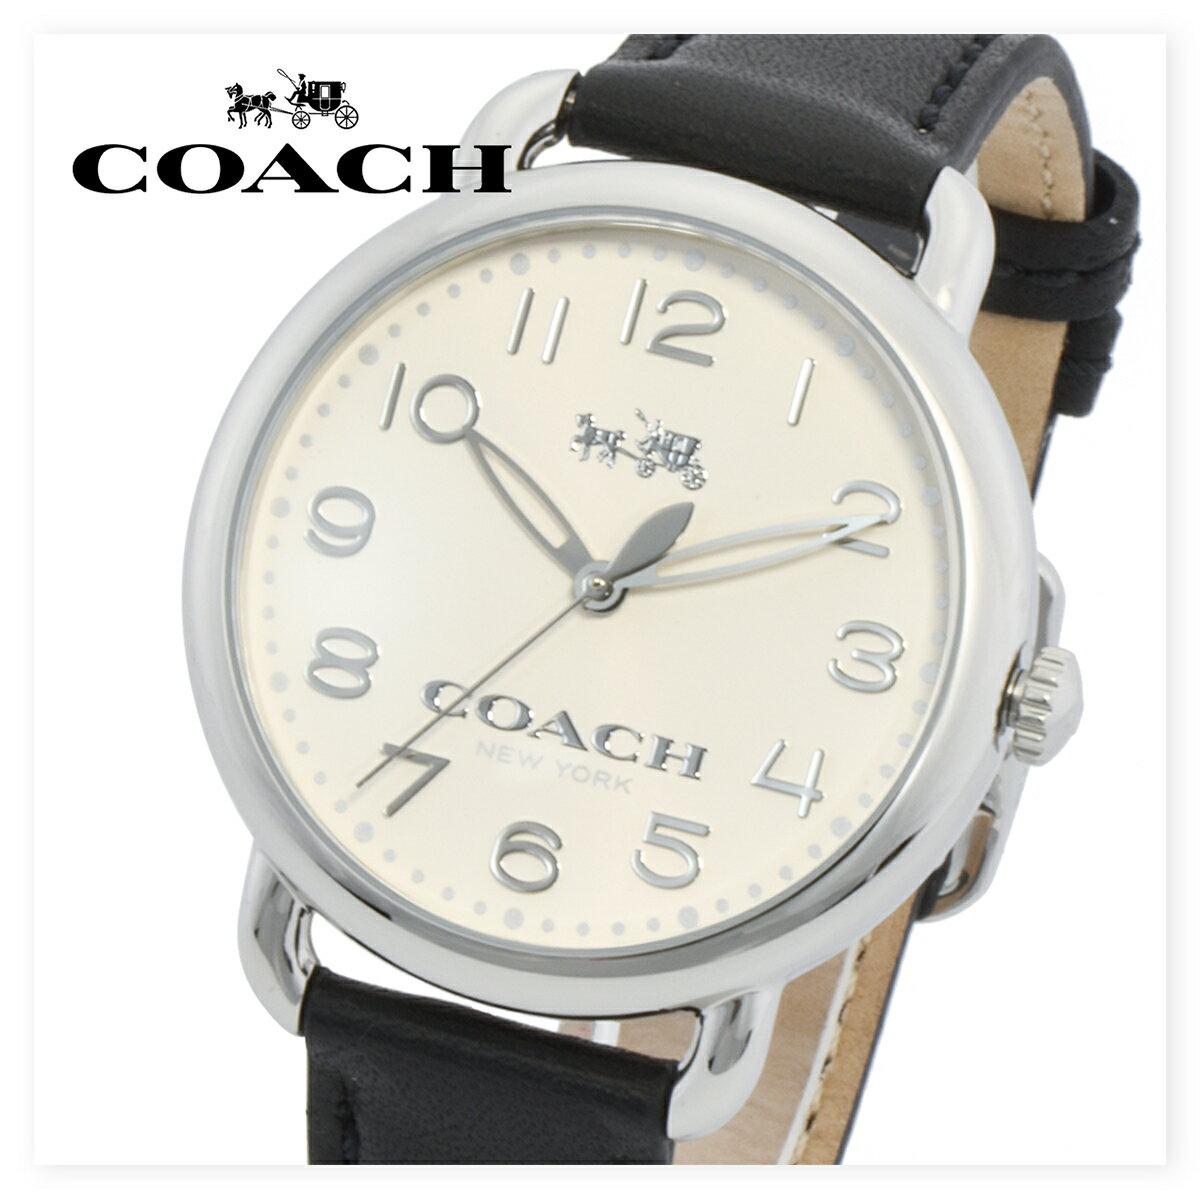 コーチ COACH 14502267 [][海外正規店商品][送料無料] [COACH コーチ][時計][腕時計][送料無料]